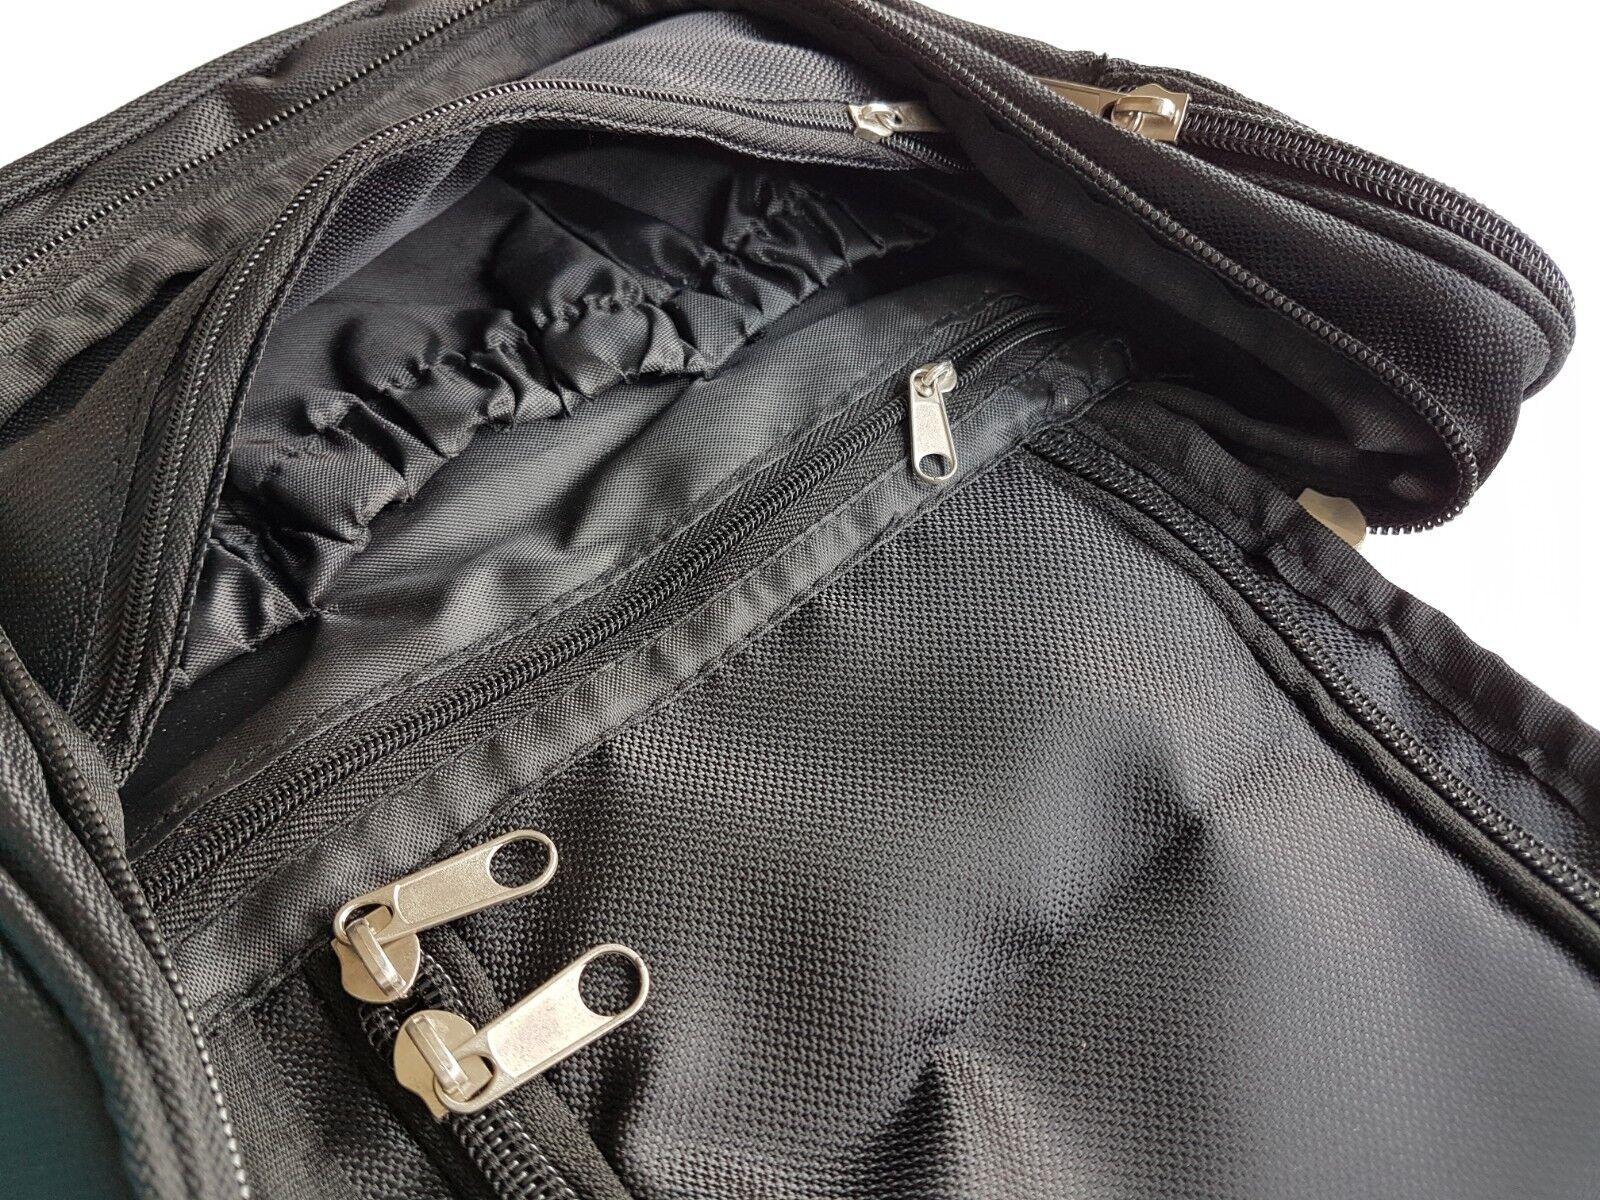 Tissot Nero da Viaggio Wash Bag Bag Bag New 27749d